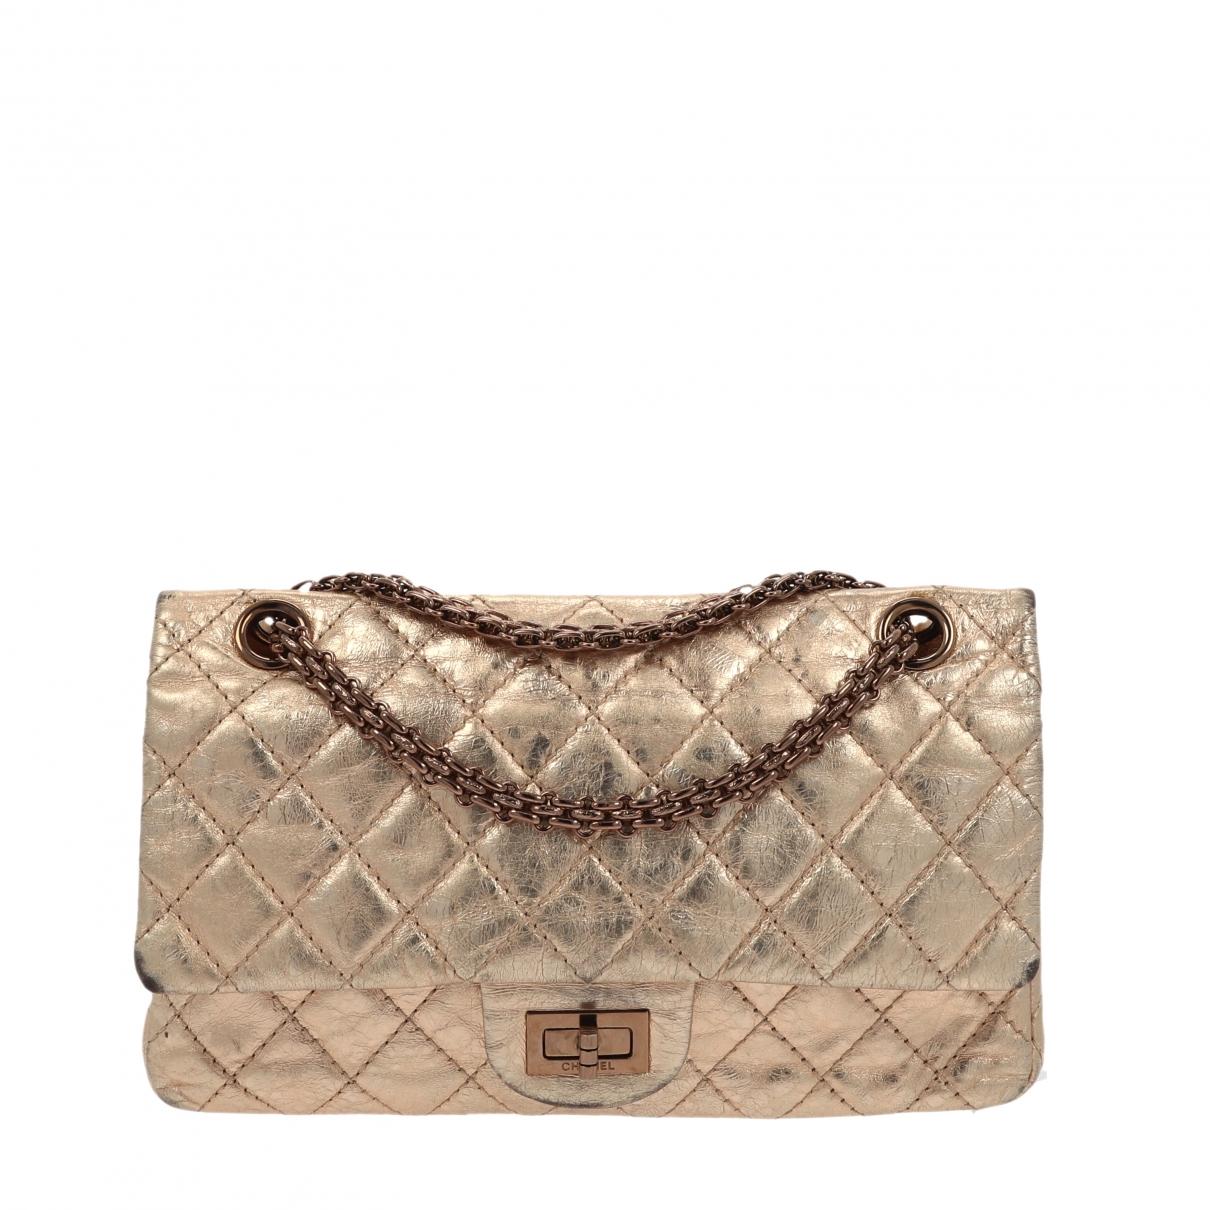 Chanel 2.55 Handtasche in  Metallic Leder